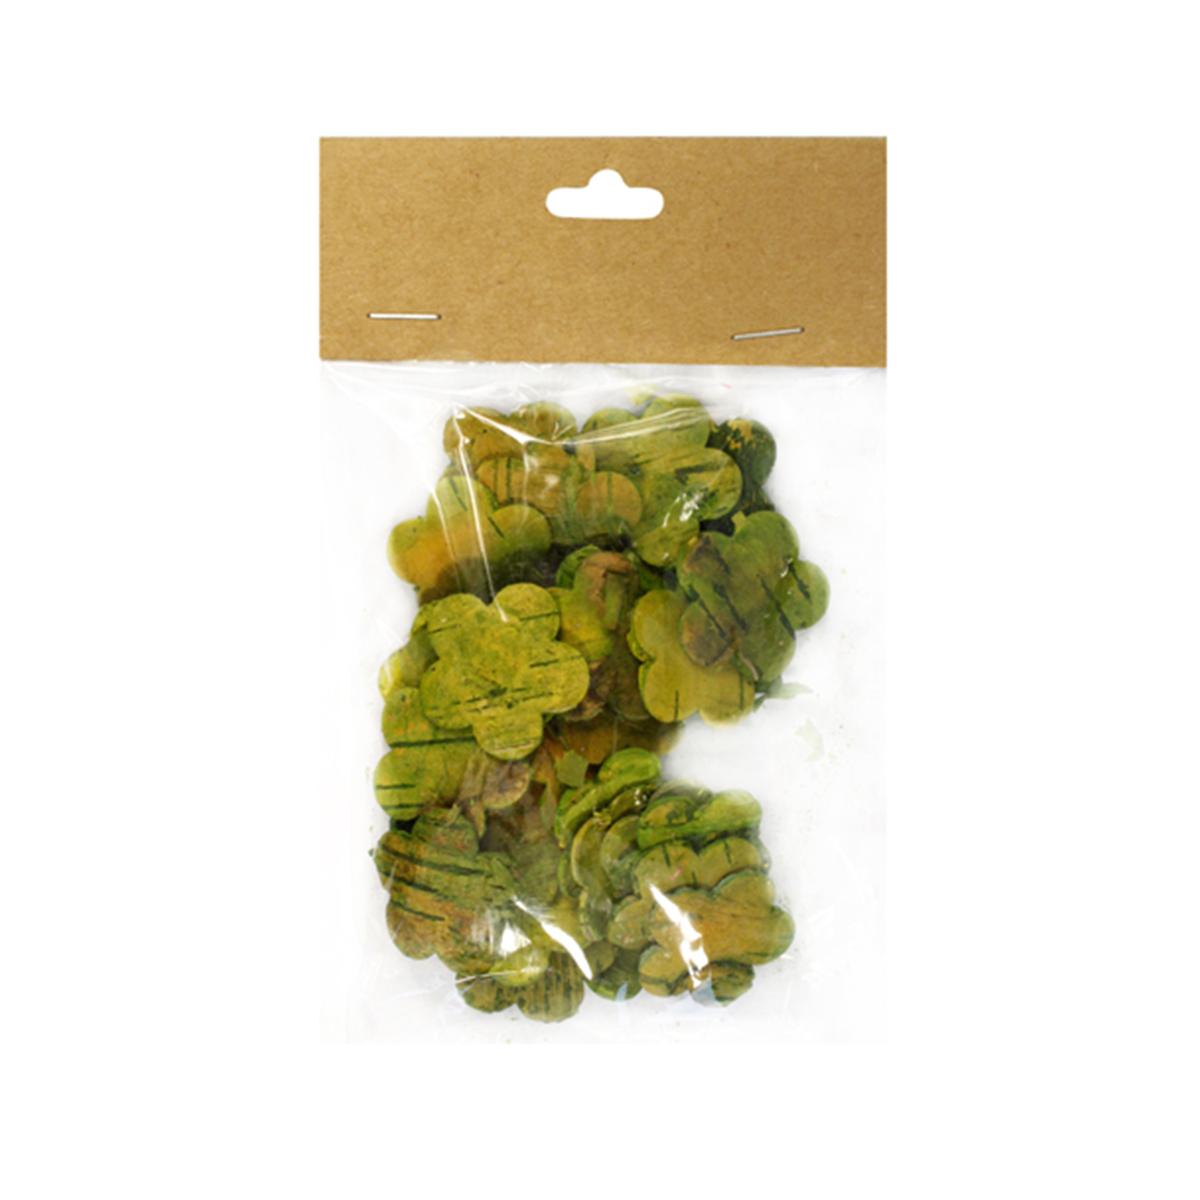 Декоративные элементы YW201, цвет: зеленый, 3 см, 30 шт7709008_зеленый